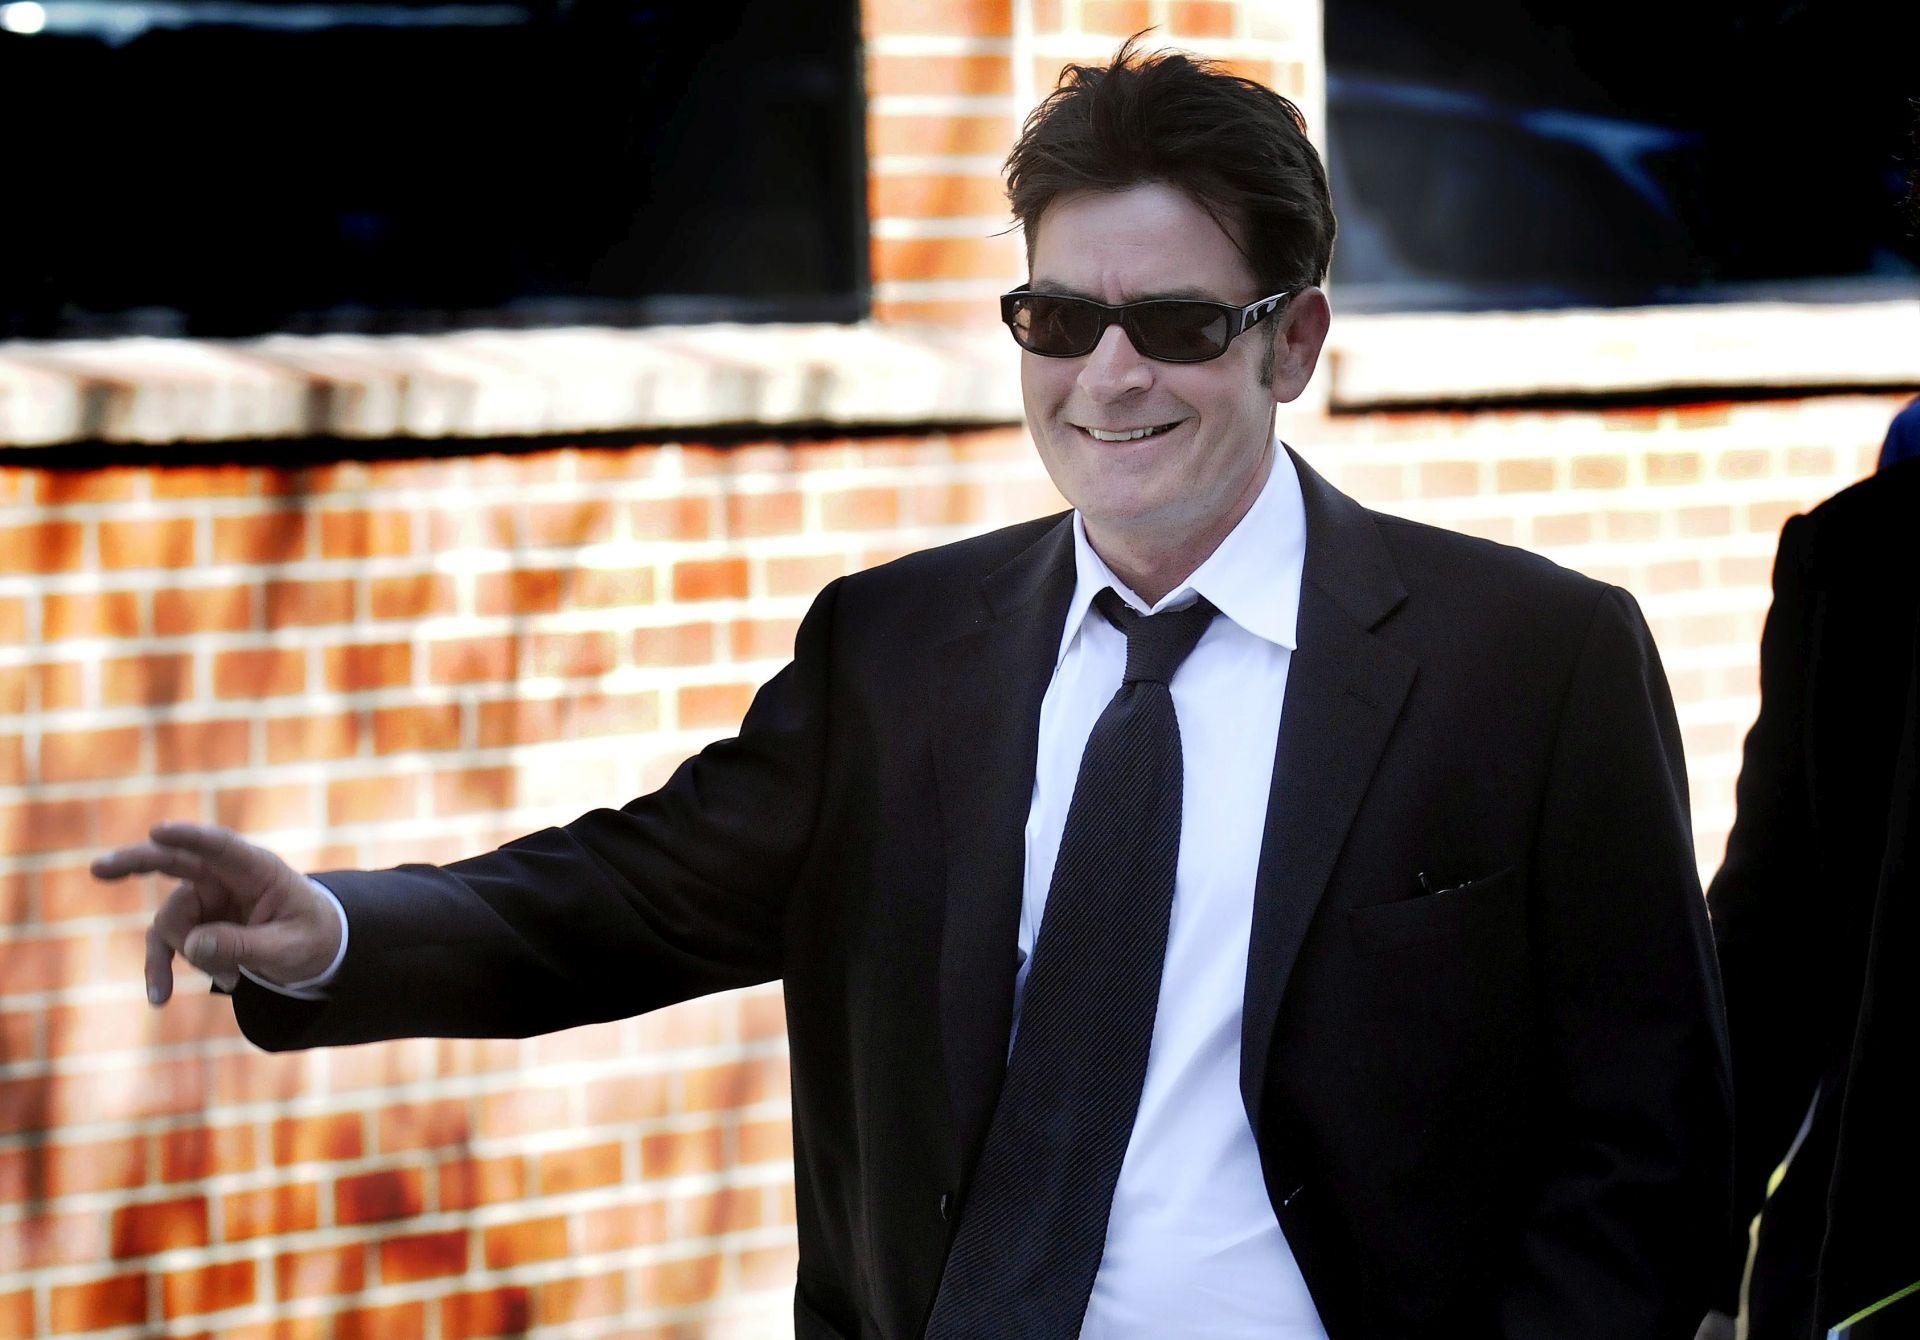 VELIKA SUMA Charlie Sheen zatražio smanjenje alimentacije od 55 tisuća dolara